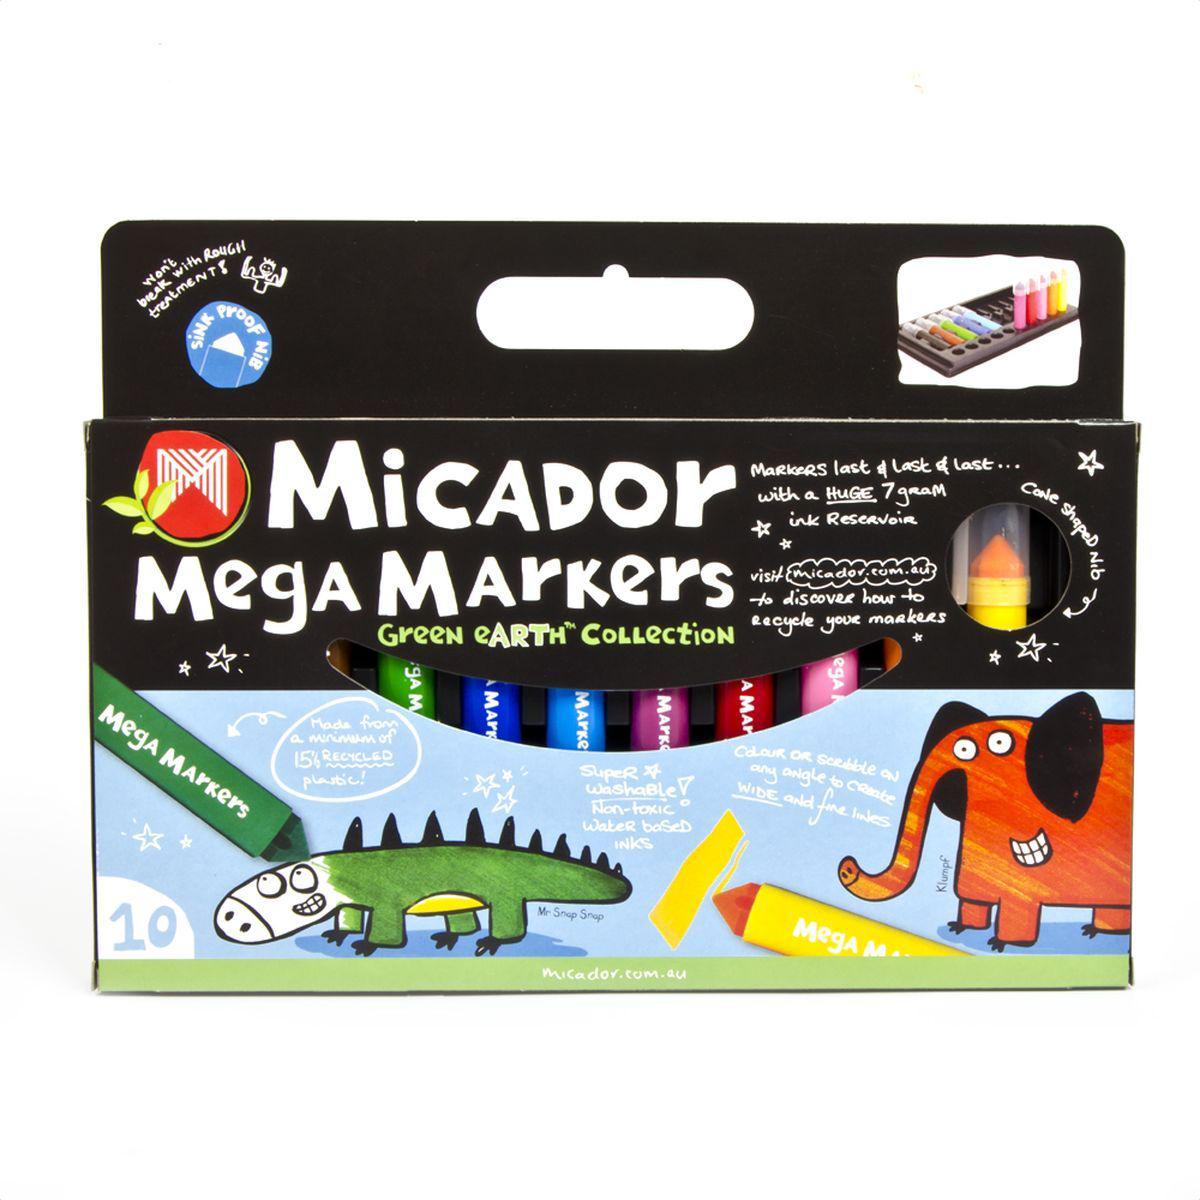 Micador Безопасные фломастеры увеличенного объема 10 цветовMMAMG10Фломастеры Micadorна водной основе, экологичные, не содержат спирт, растворителей, токсичных веществ, полностью безопасны для маленьких детей.Увеличенный резервуар для чернил делает фломастеры долговечными, каждый фломастер содержит 8 мл чернил, что в 4 раза больше обычных фломастеров. Стержень конической формы позволяет делать и широкие, и тонкие линии.Вентилируемый колпачок предотвращает высыхание чернил. Сухие фломастеры легко можно восстановить, всего лишь опустив наконечник в воду.Широкий корпус делает фломастеры удобными для маленьких детских ладошек. Изготовлены по запатентованной технологии Easy Wash: легко отстирываются от любой поверхности даже в холодной воде. Экологичная, 100% перерабатываемая упаковка. Изготовлены с использованием солнечной энергии и с заботой об окружающей среде. Австралийский бренд Micador - эксперт в товарах для детского творчества с 1954 года.